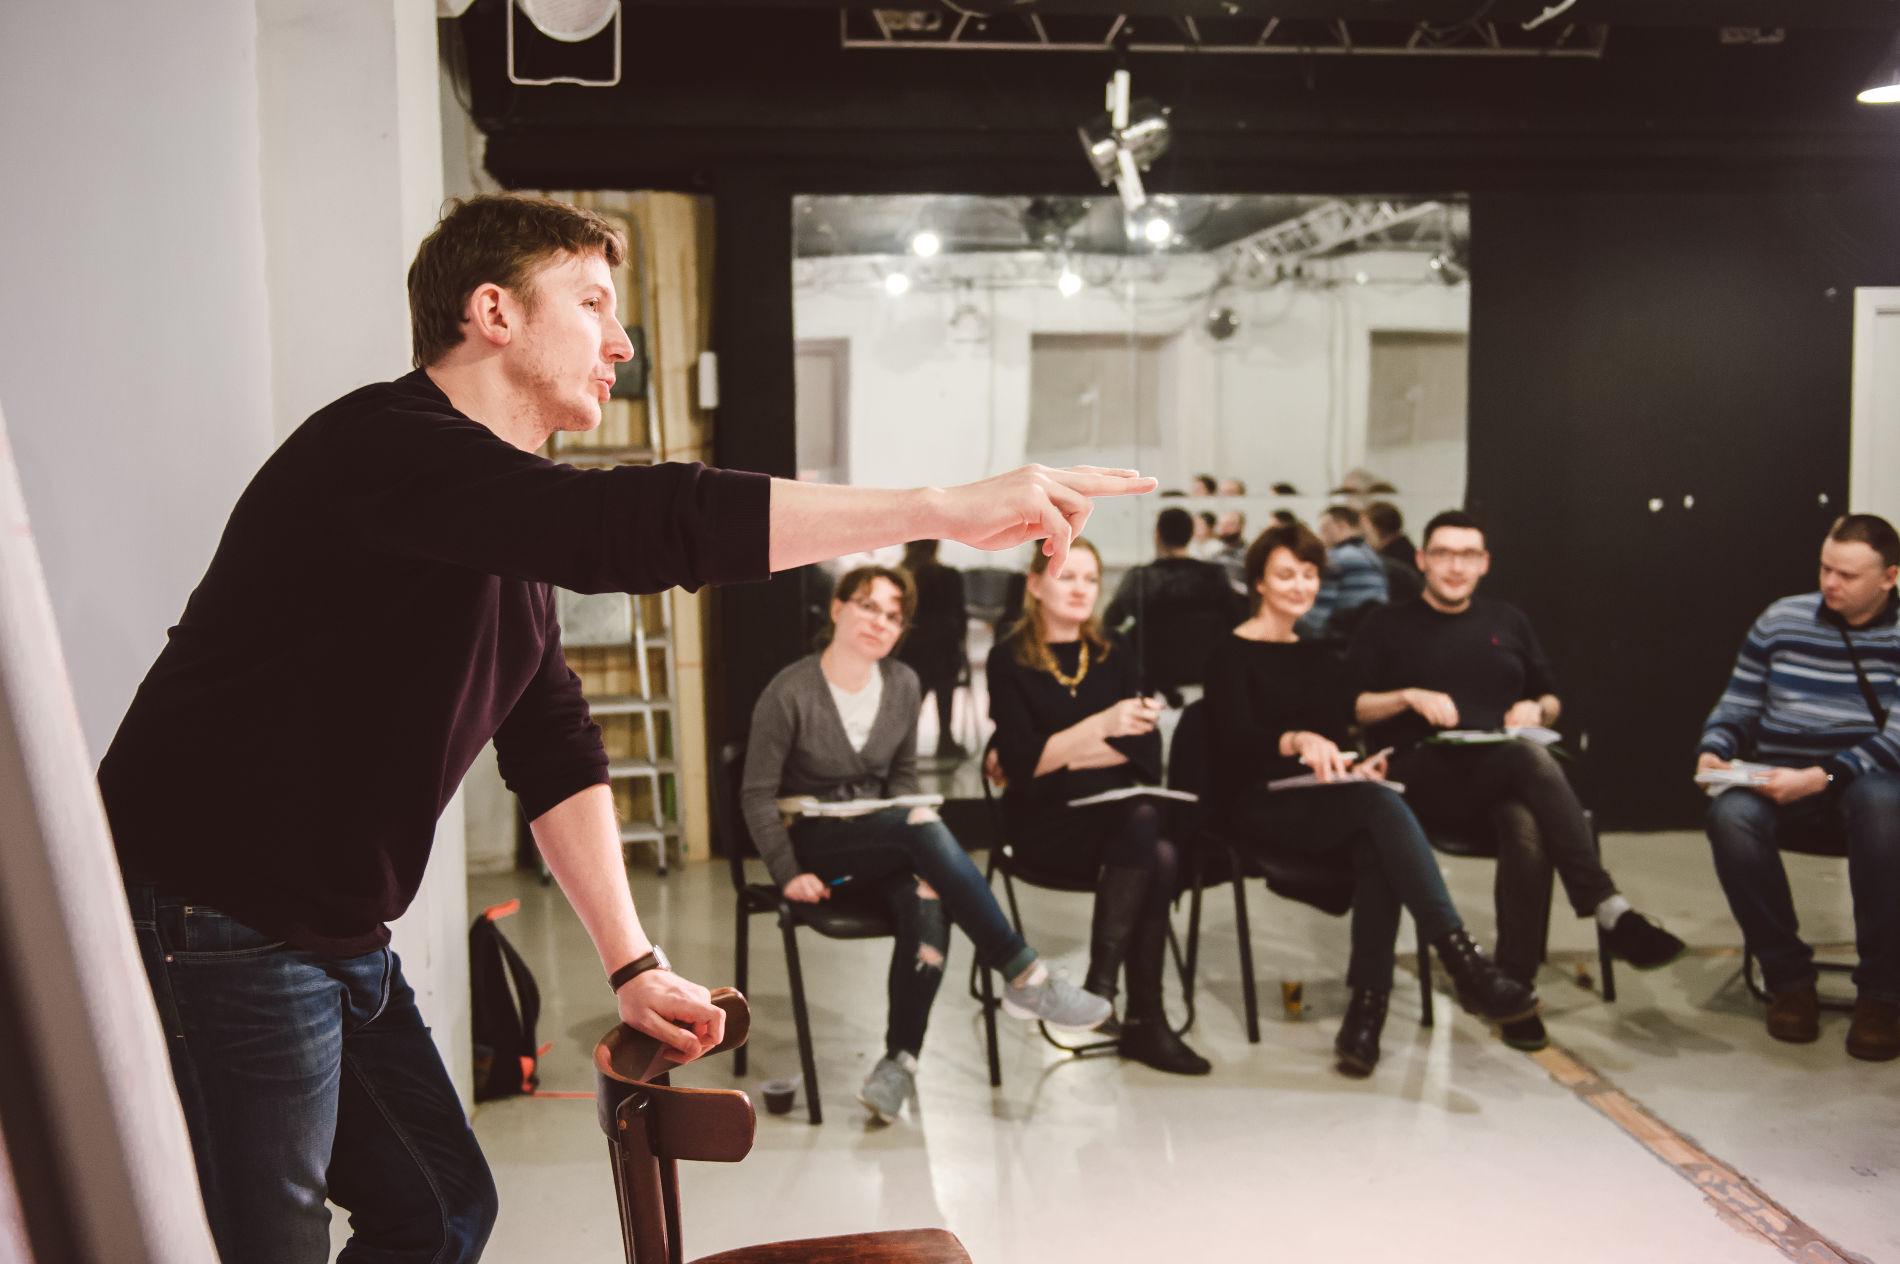 Мастер-класс по сторителлингу ©Фото Юлии Сверчковой, facebook.com/ysverchkova